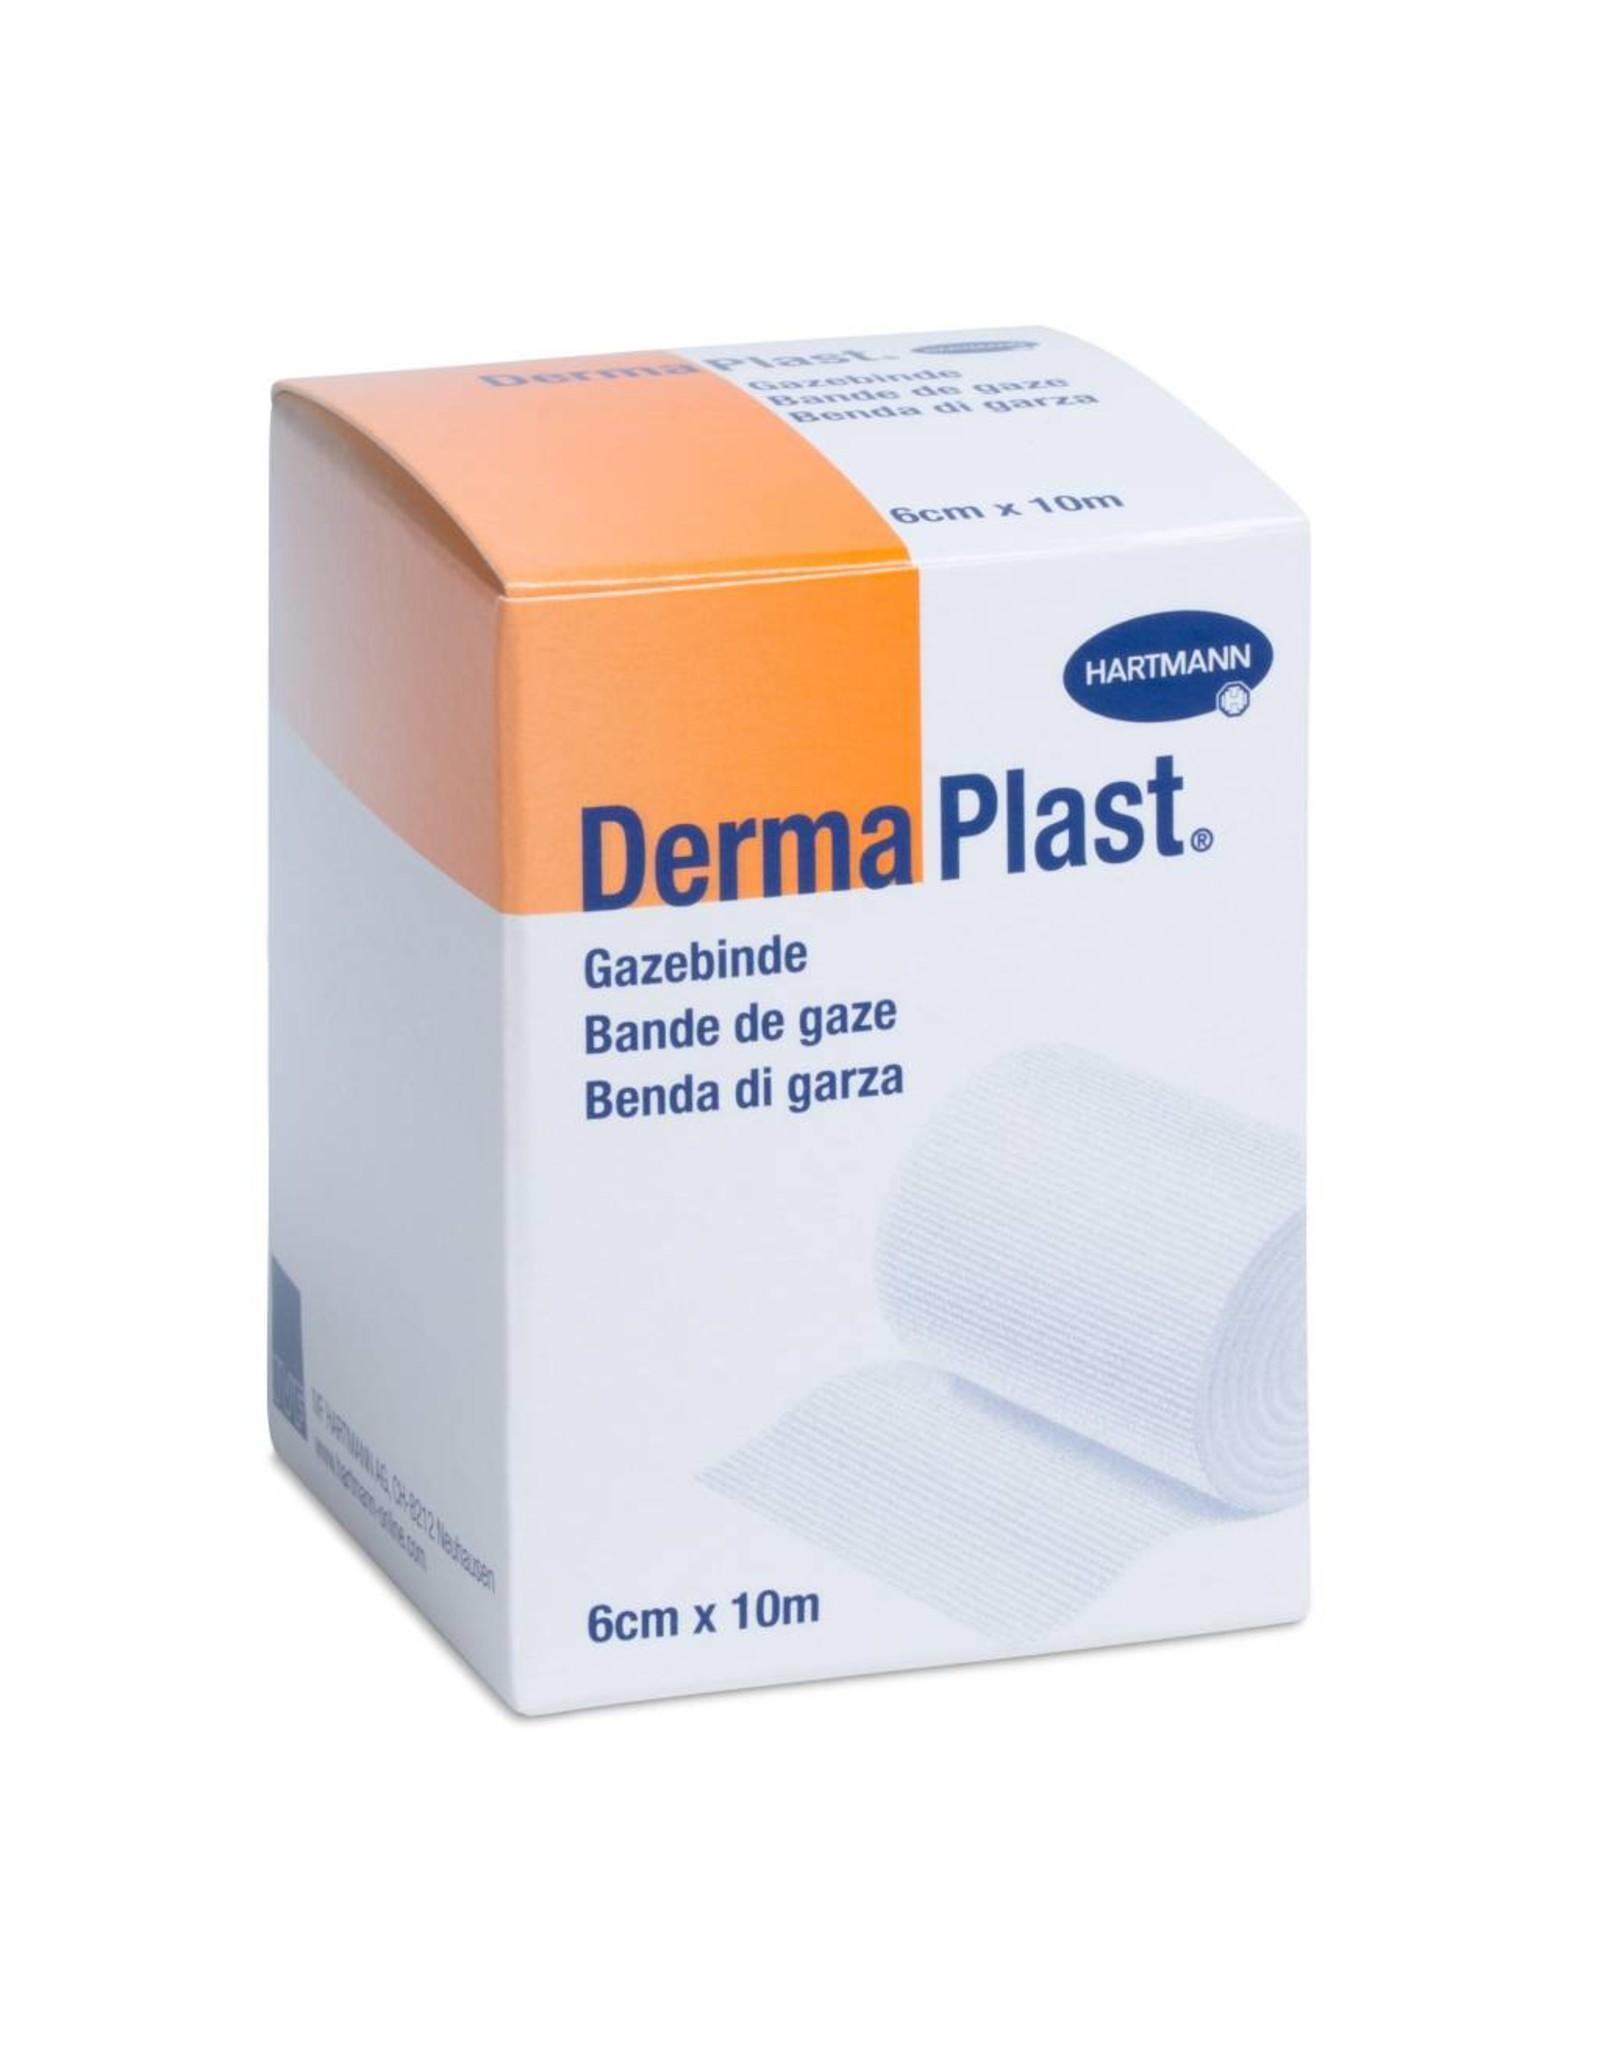 DermaPlast DermaPlast Gazebinde 10 m x 6 cm